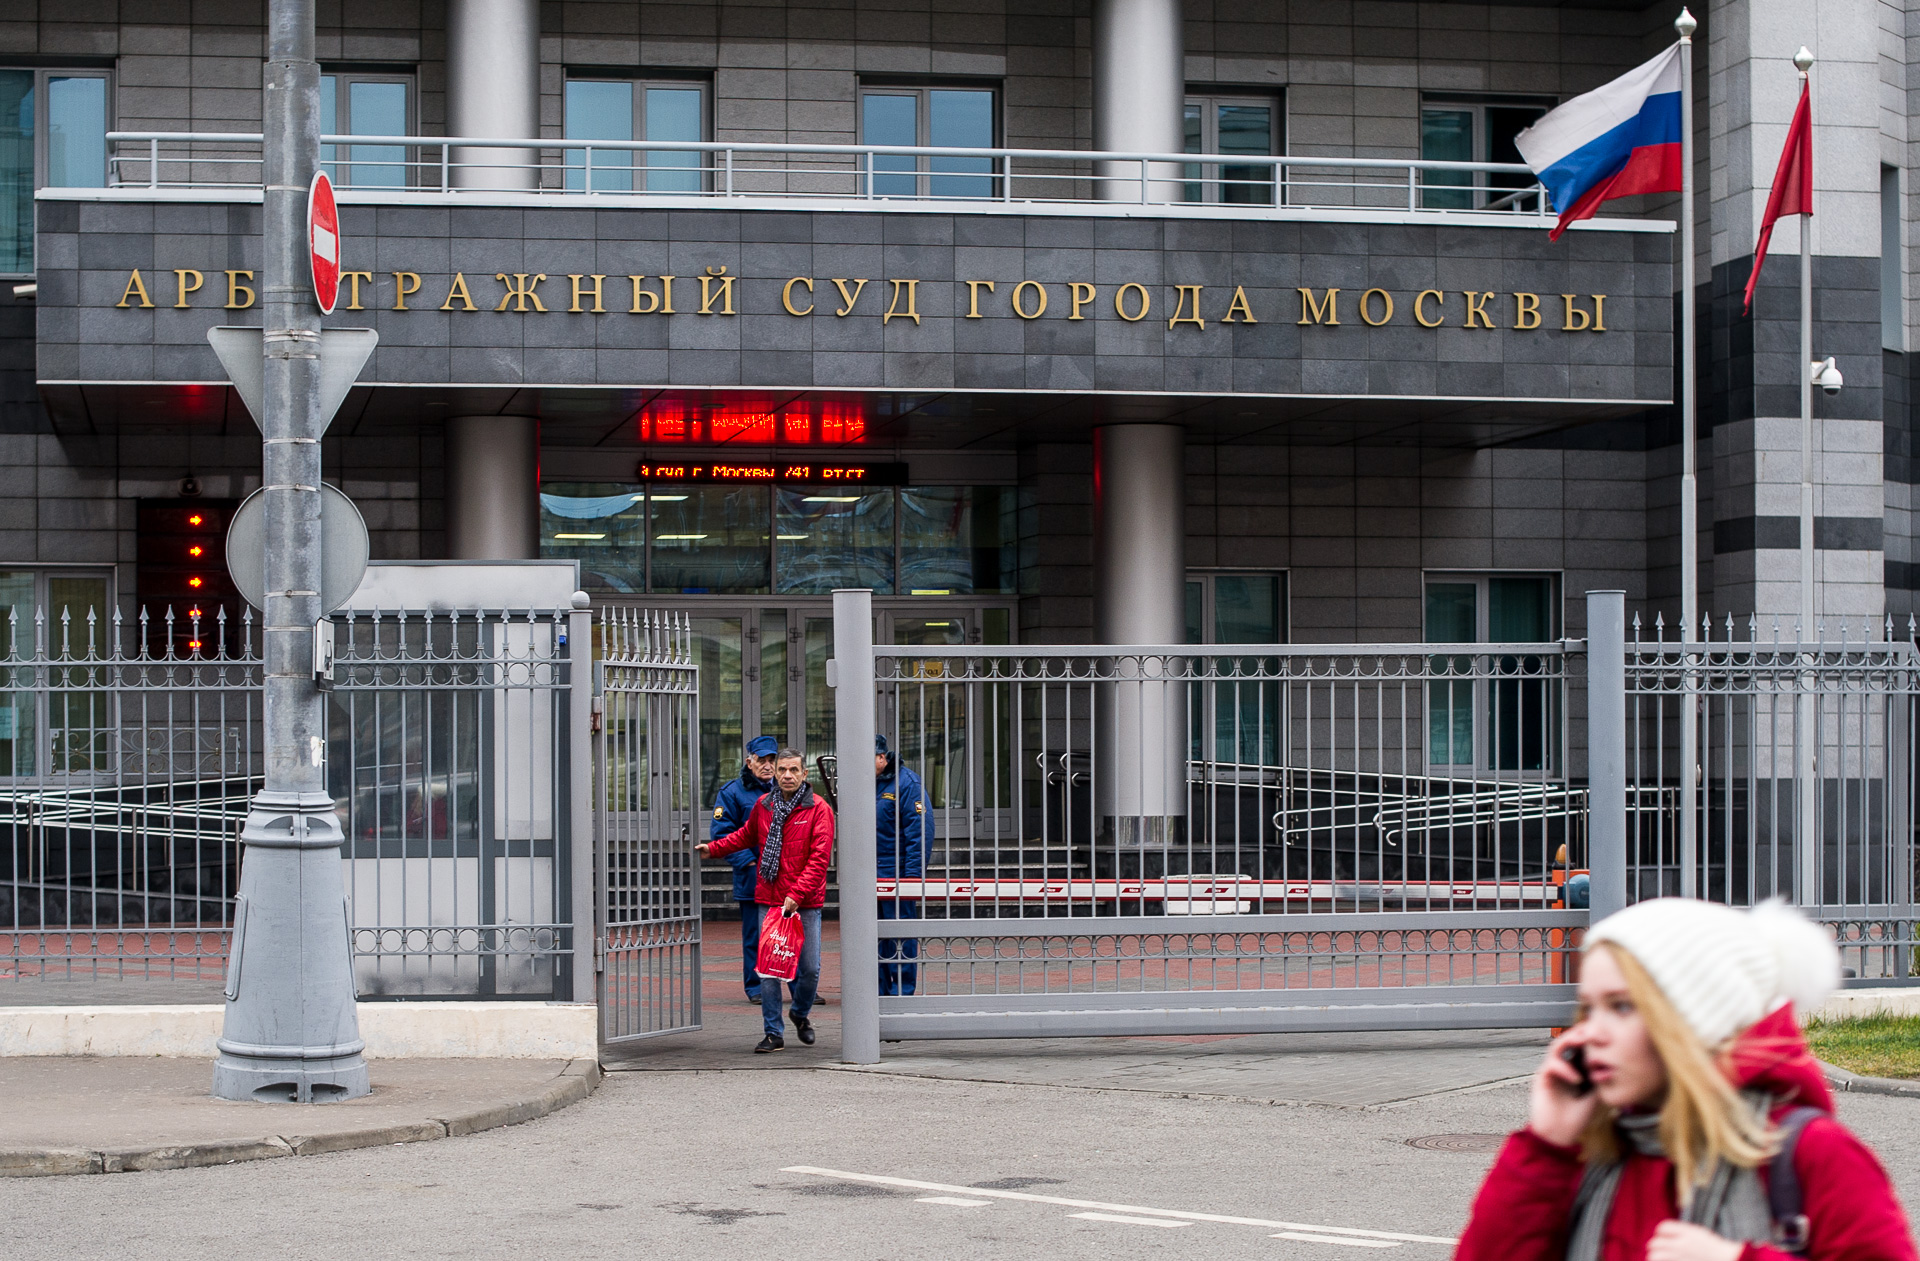 Верховный суд РФ защитил корпоративные займы от двойного налогообложения Юридическая защита суд налогообложение кредиты